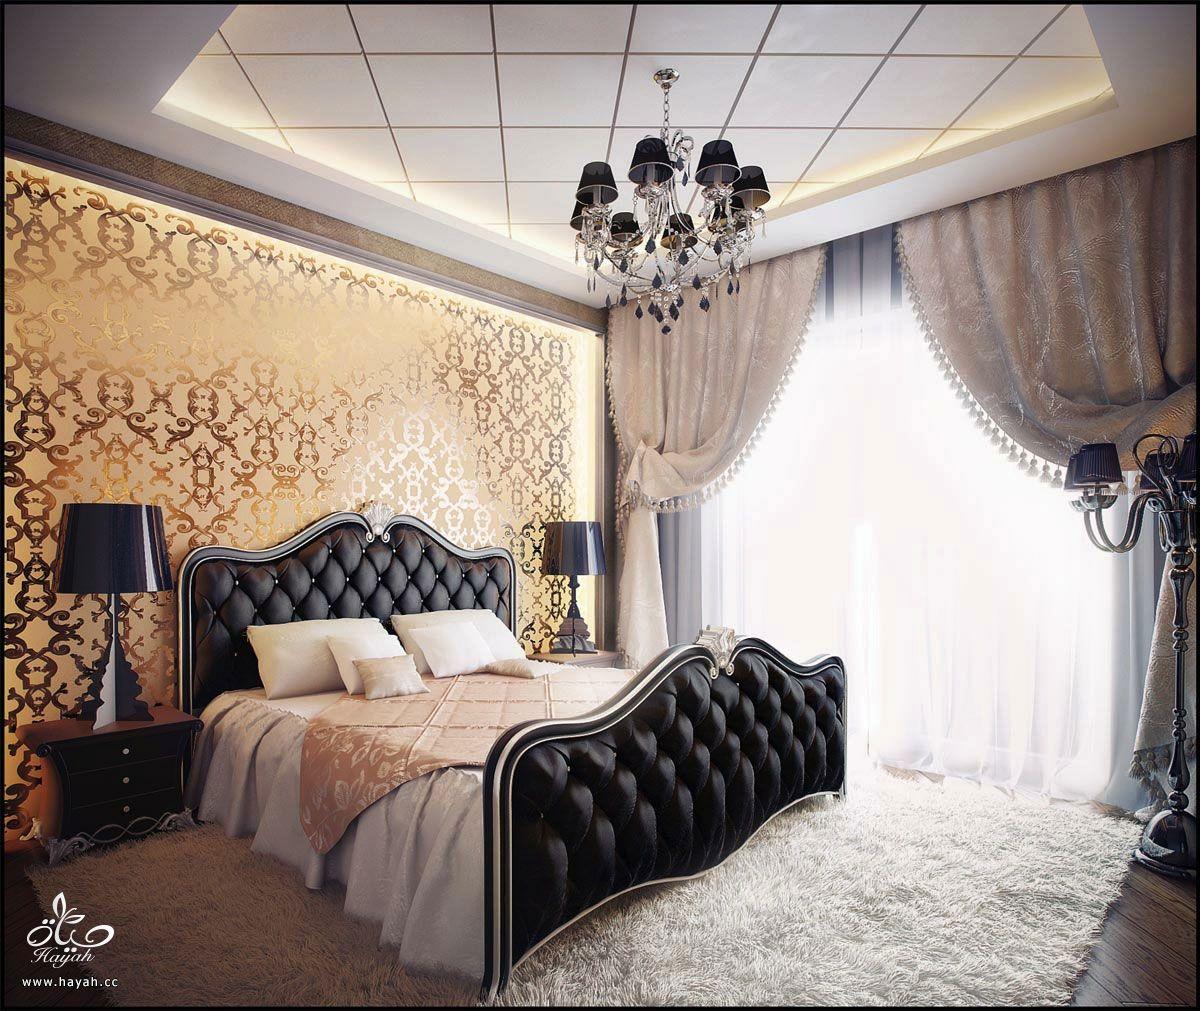 غرف نوم رومانسية كشخة hayahcc_1367528894_471.jpg